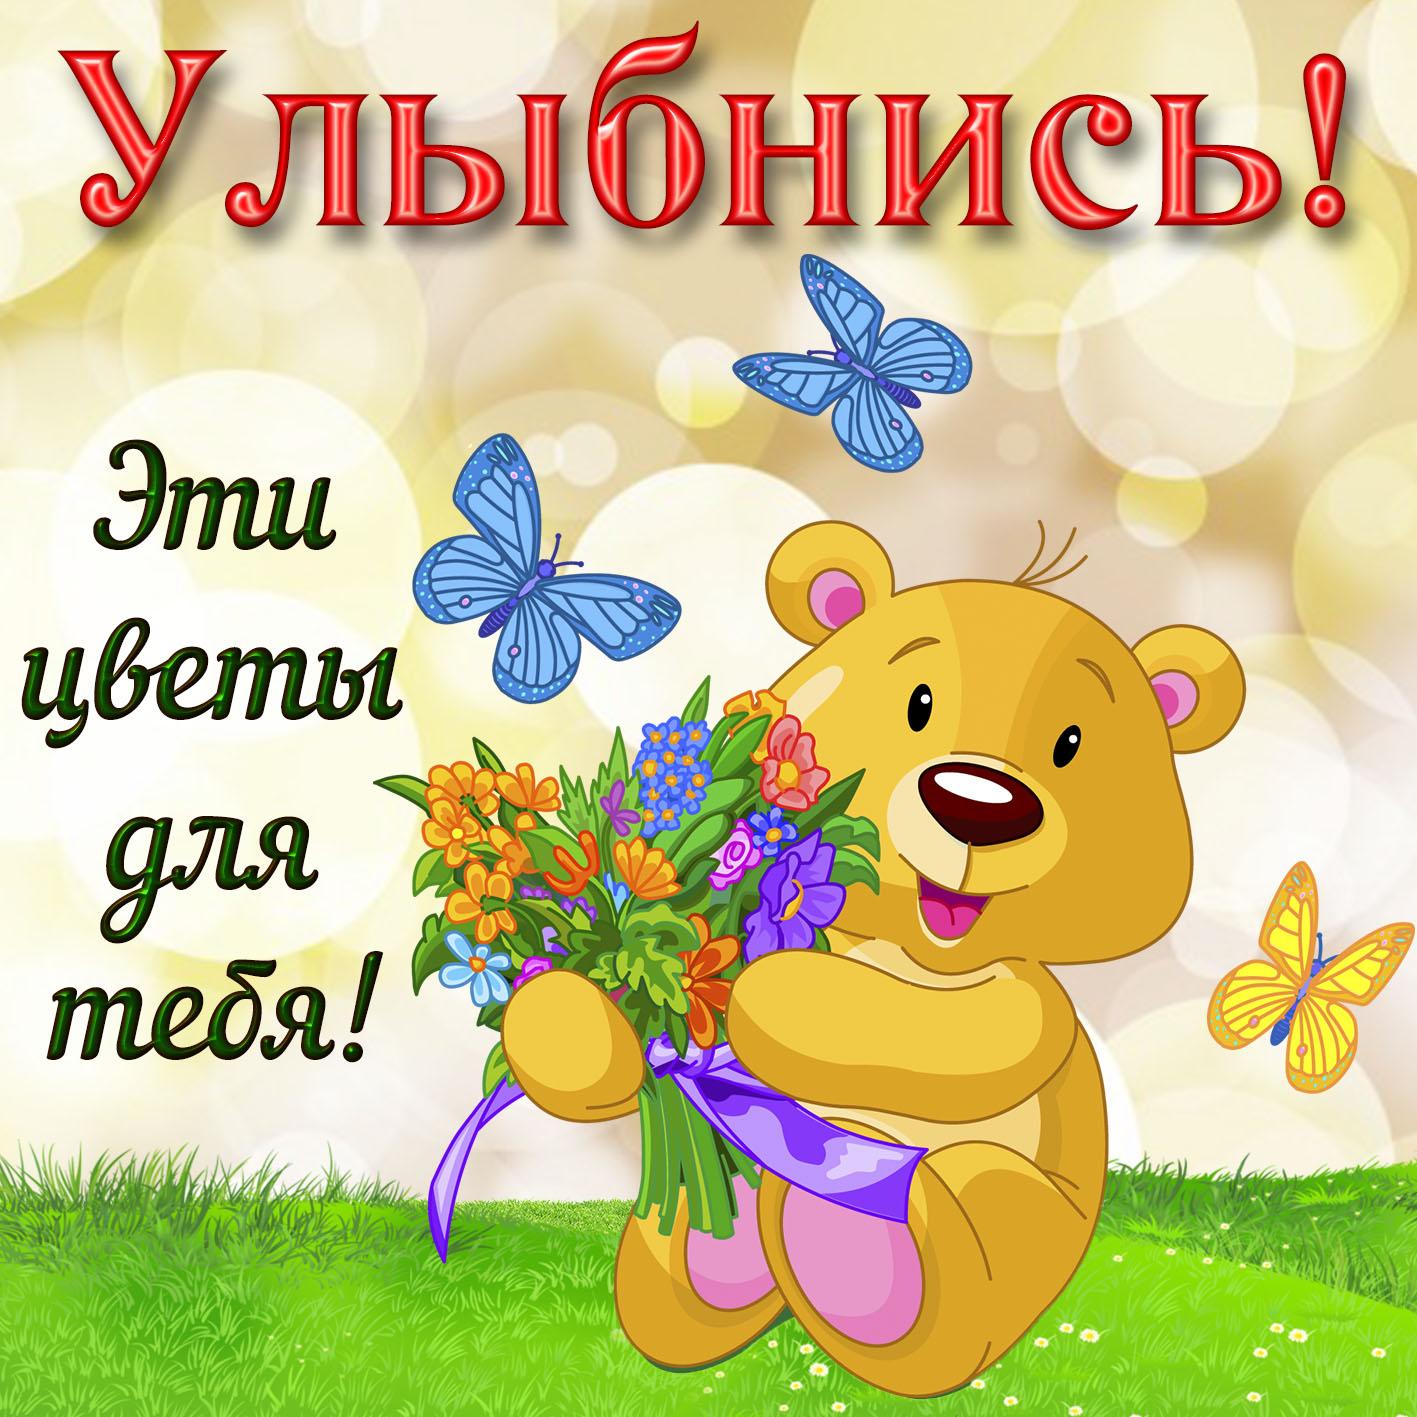 Картинка улыбнись с медвежонком с цветами для тебя